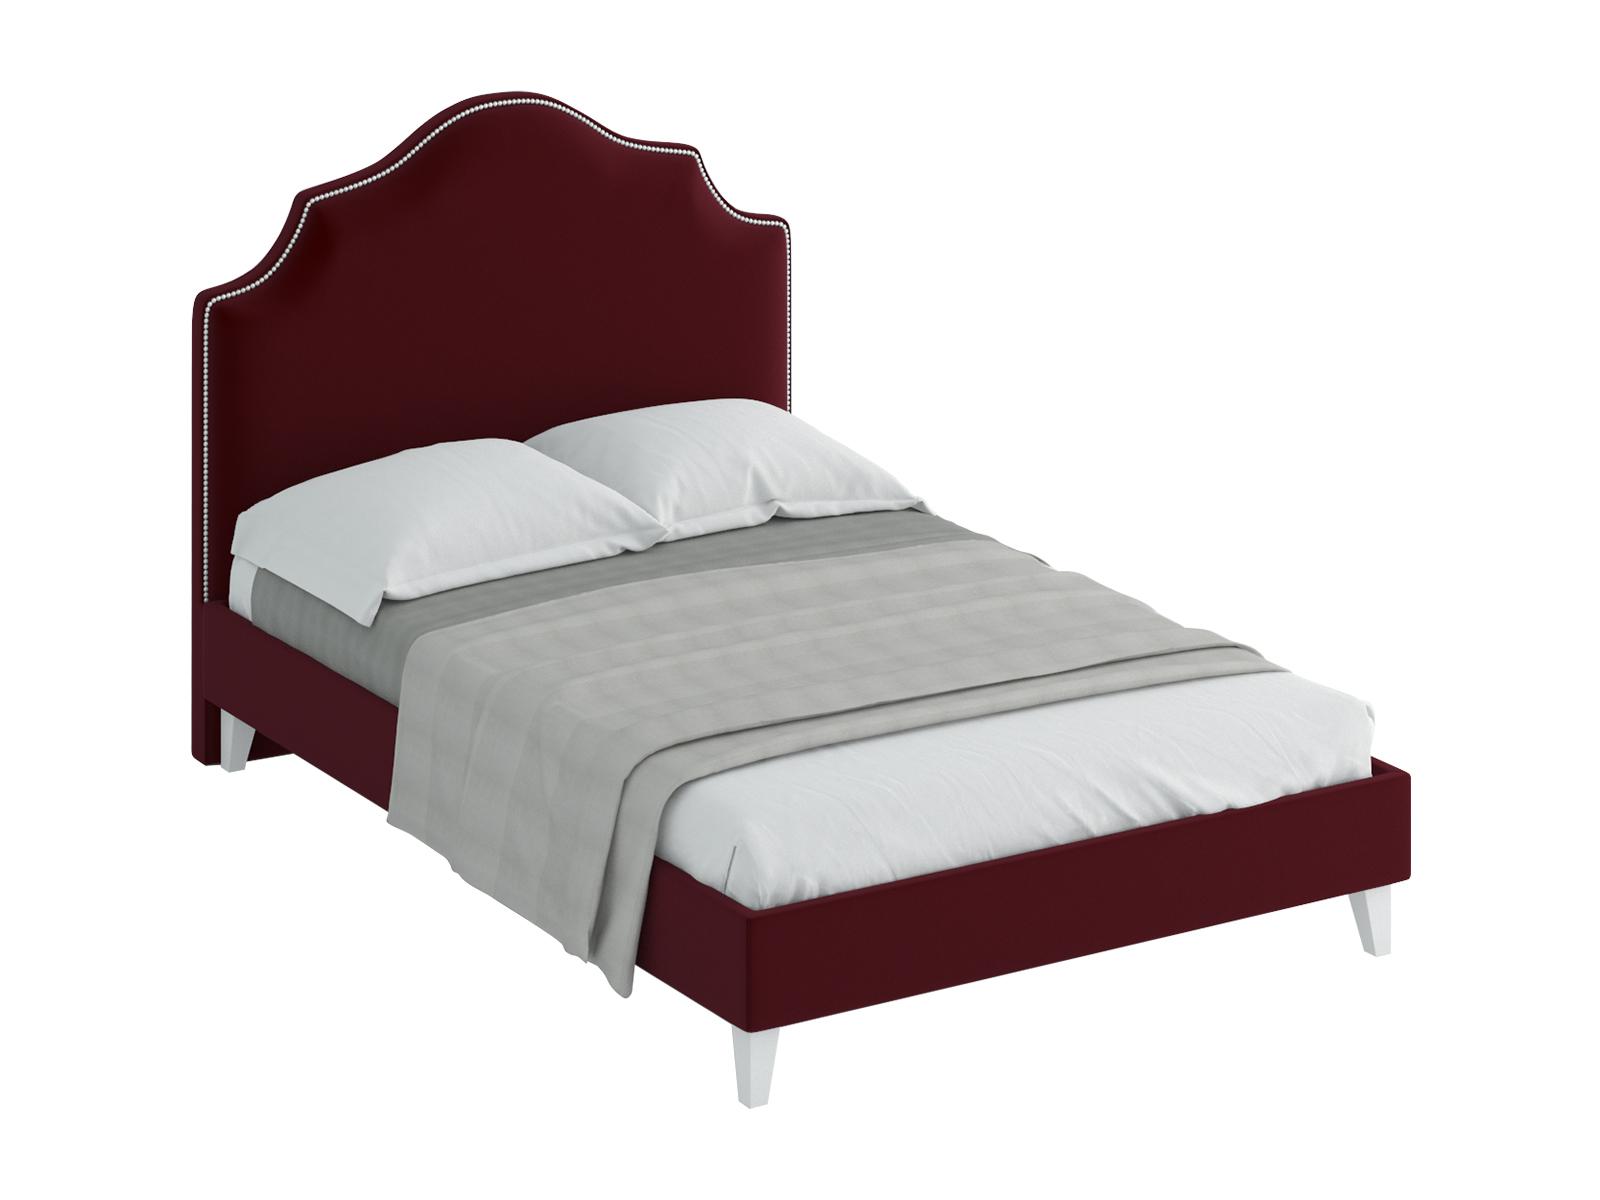 Кровать Queen Victoria LКровати<br>Кровать двуспальная.  Спинка кровати декорирована молдингом, установлена на пластмассовые опоры. Основание установлено на ножки из массива дерева и обрамлено мягкими царгами. Размер спального места: 1400х2000 мм.<br>